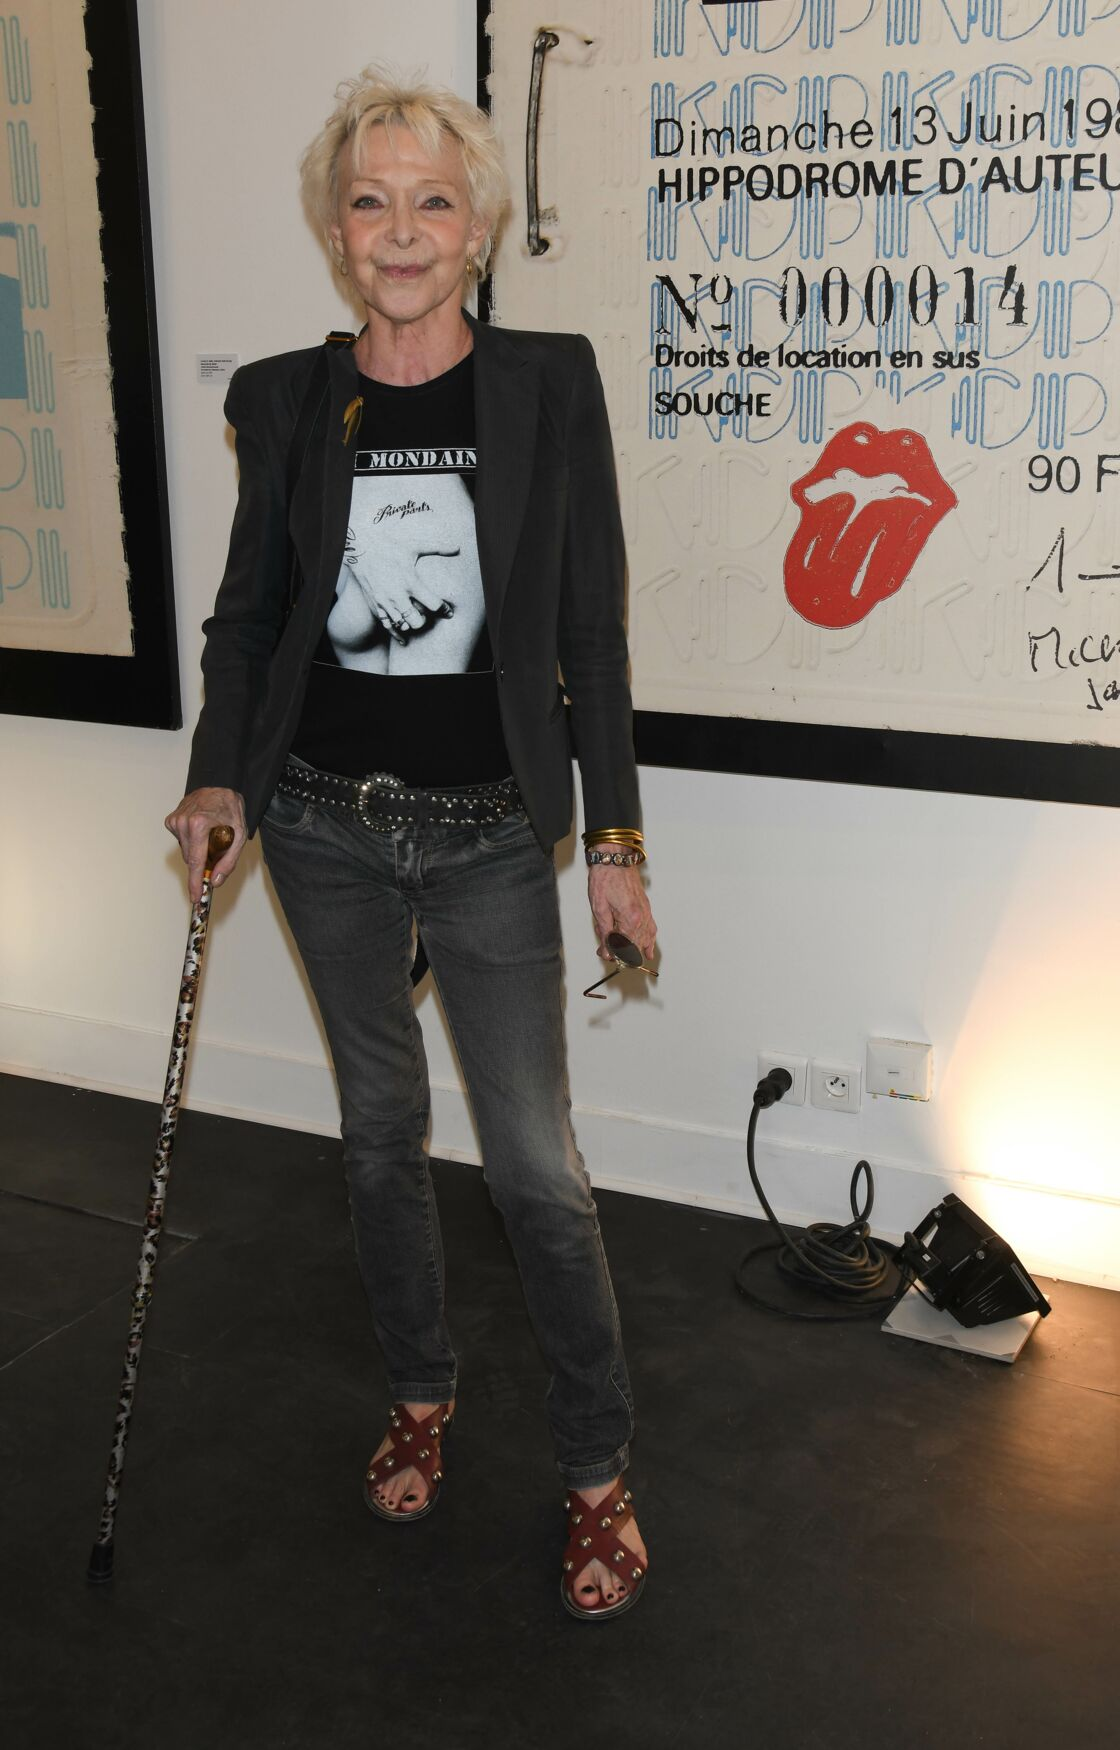 L'une des dernières apparitions de Tonie Marshall à un vernissage parisien du plasticien Albert Koski, en juillet 2019.